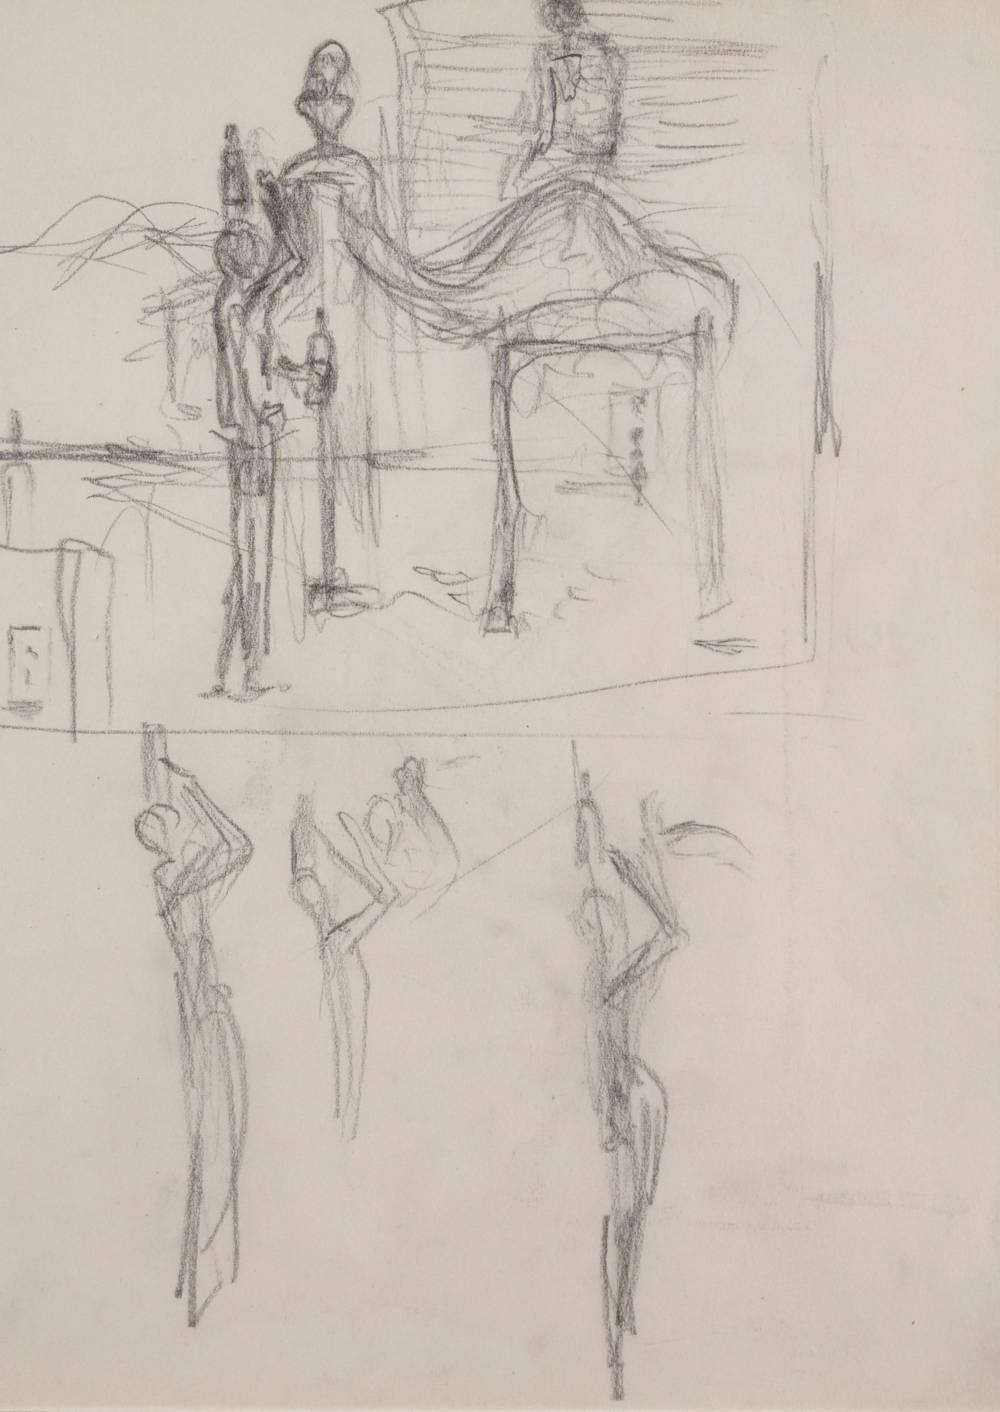 Etude pour le tableau 'Banlieue de la ville paranoiaque-critique'